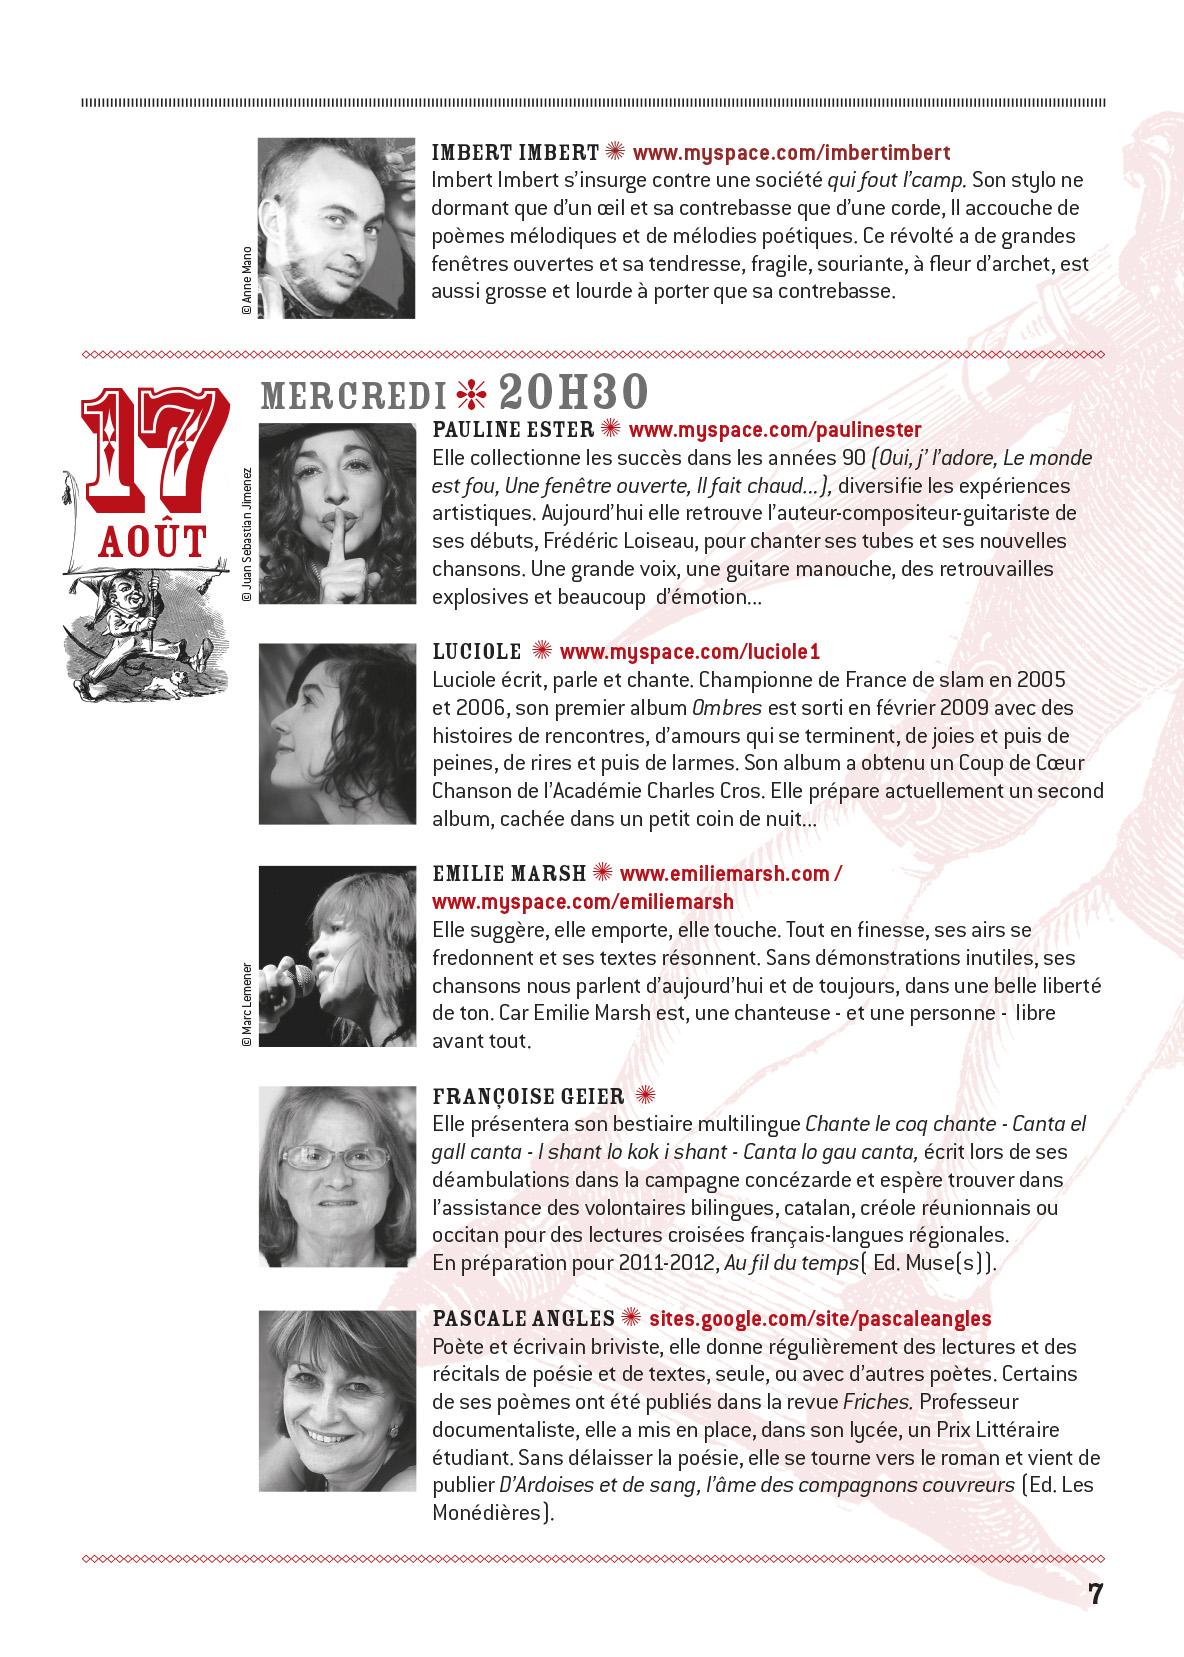 programme Conceze 2011-7